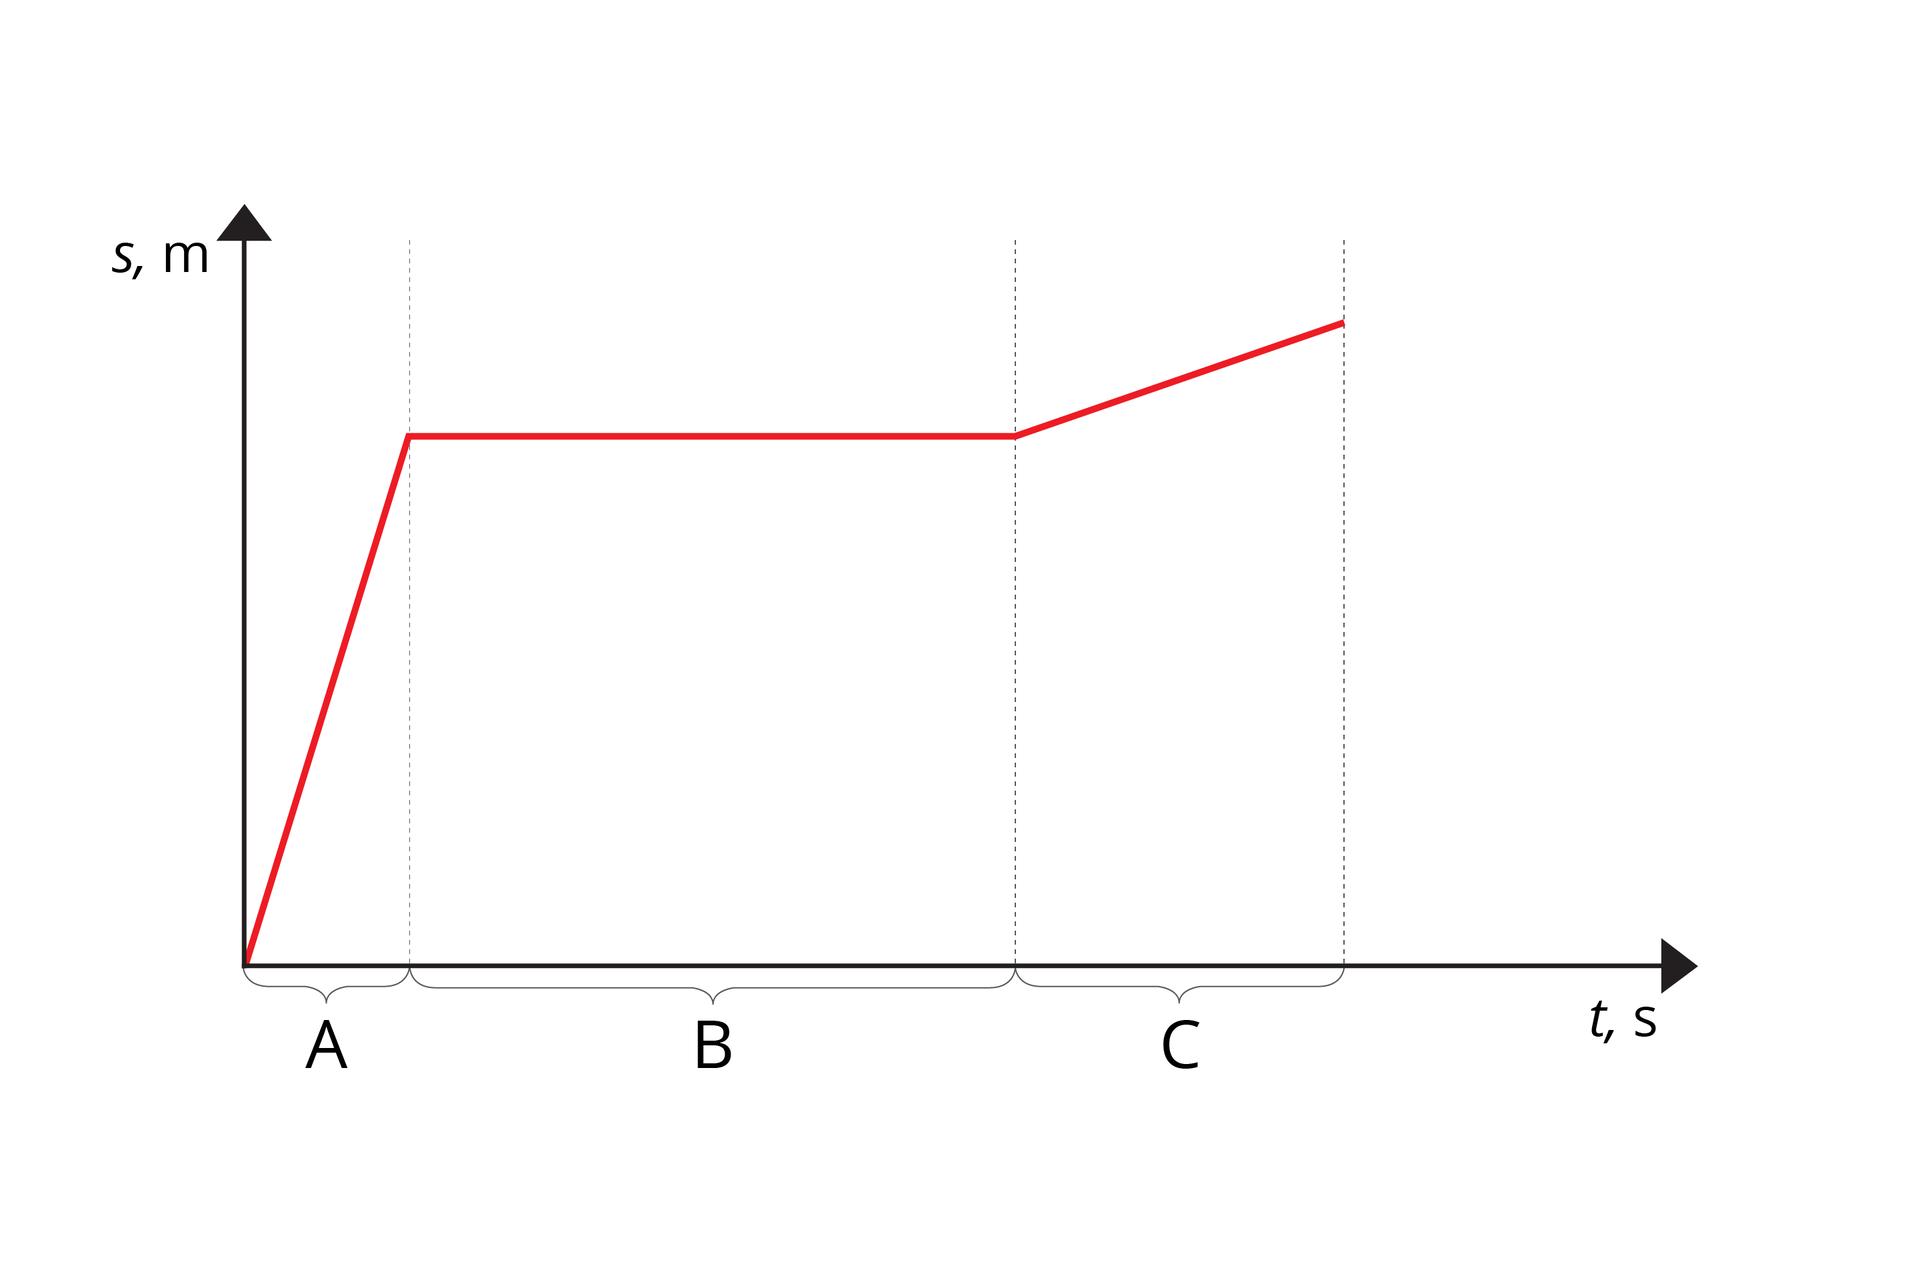 """Ilustracja przedstawia wykres zależności drogi od czasu. Oś odciętych podpisana """"t, s"""". Oś rzędnych podpisana """"s, m"""". Wykres łamanej półprostej. Kolor czerwony. Na osiach nie oznaczono skali. Oś odciętych podzielono na etapy: A(najkrótszy), B(najdłuższy) iC. Wykres wetapie Awznosi się stromo wgórę. Wykres etapie Bbiegnie równolegle do osi odciętych. Wykres wetapie Cwznosi się łagodnie wgórę."""